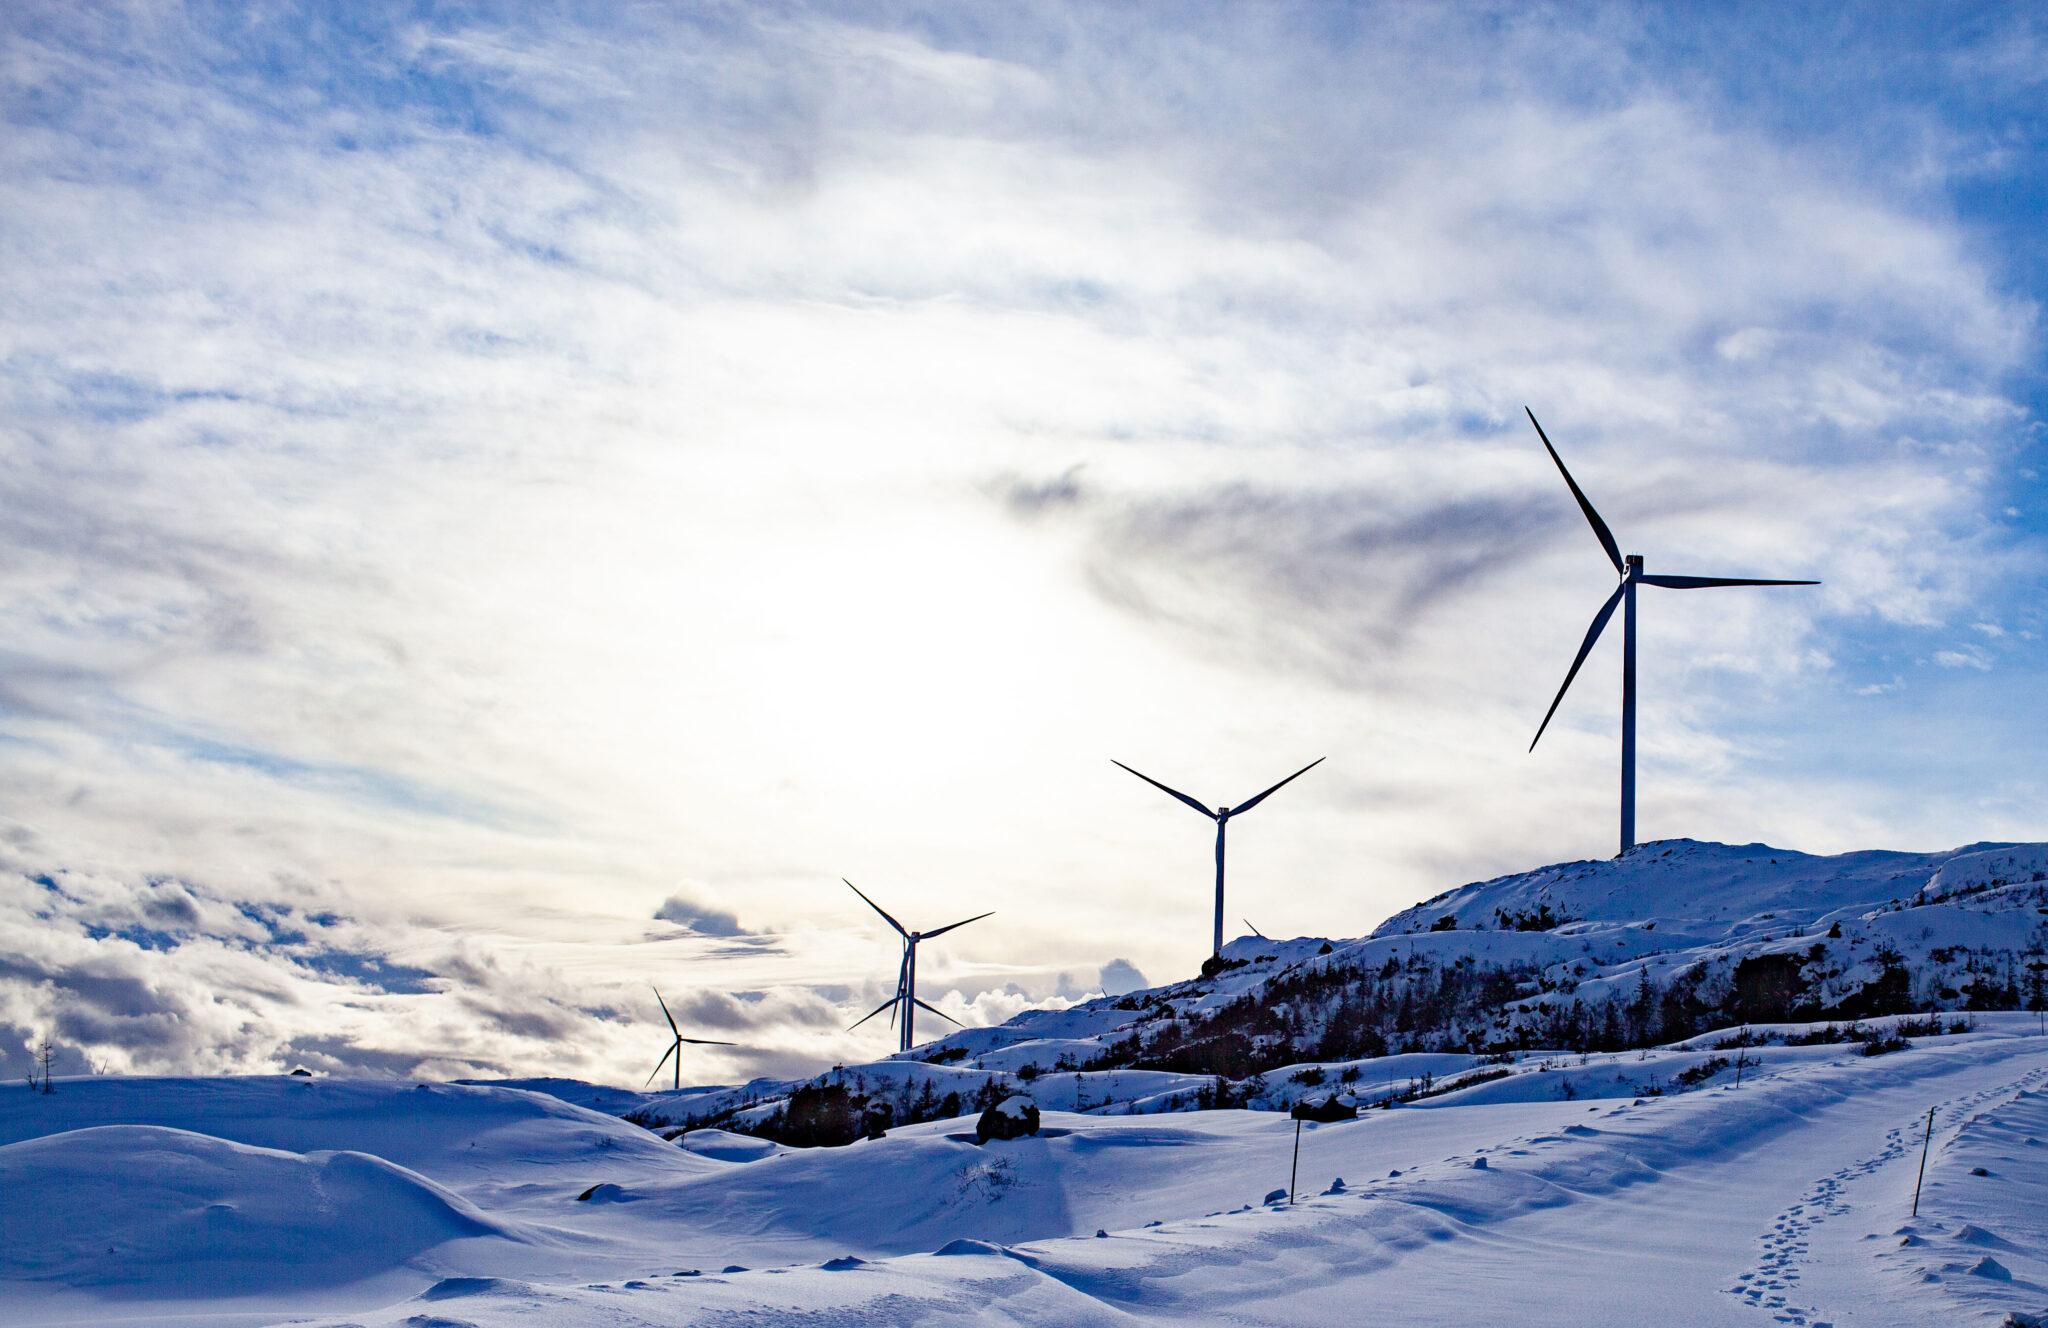 Høyesterett: Vindkraftutbyggingen på Fosen krenker urfolks menneskerettigheter